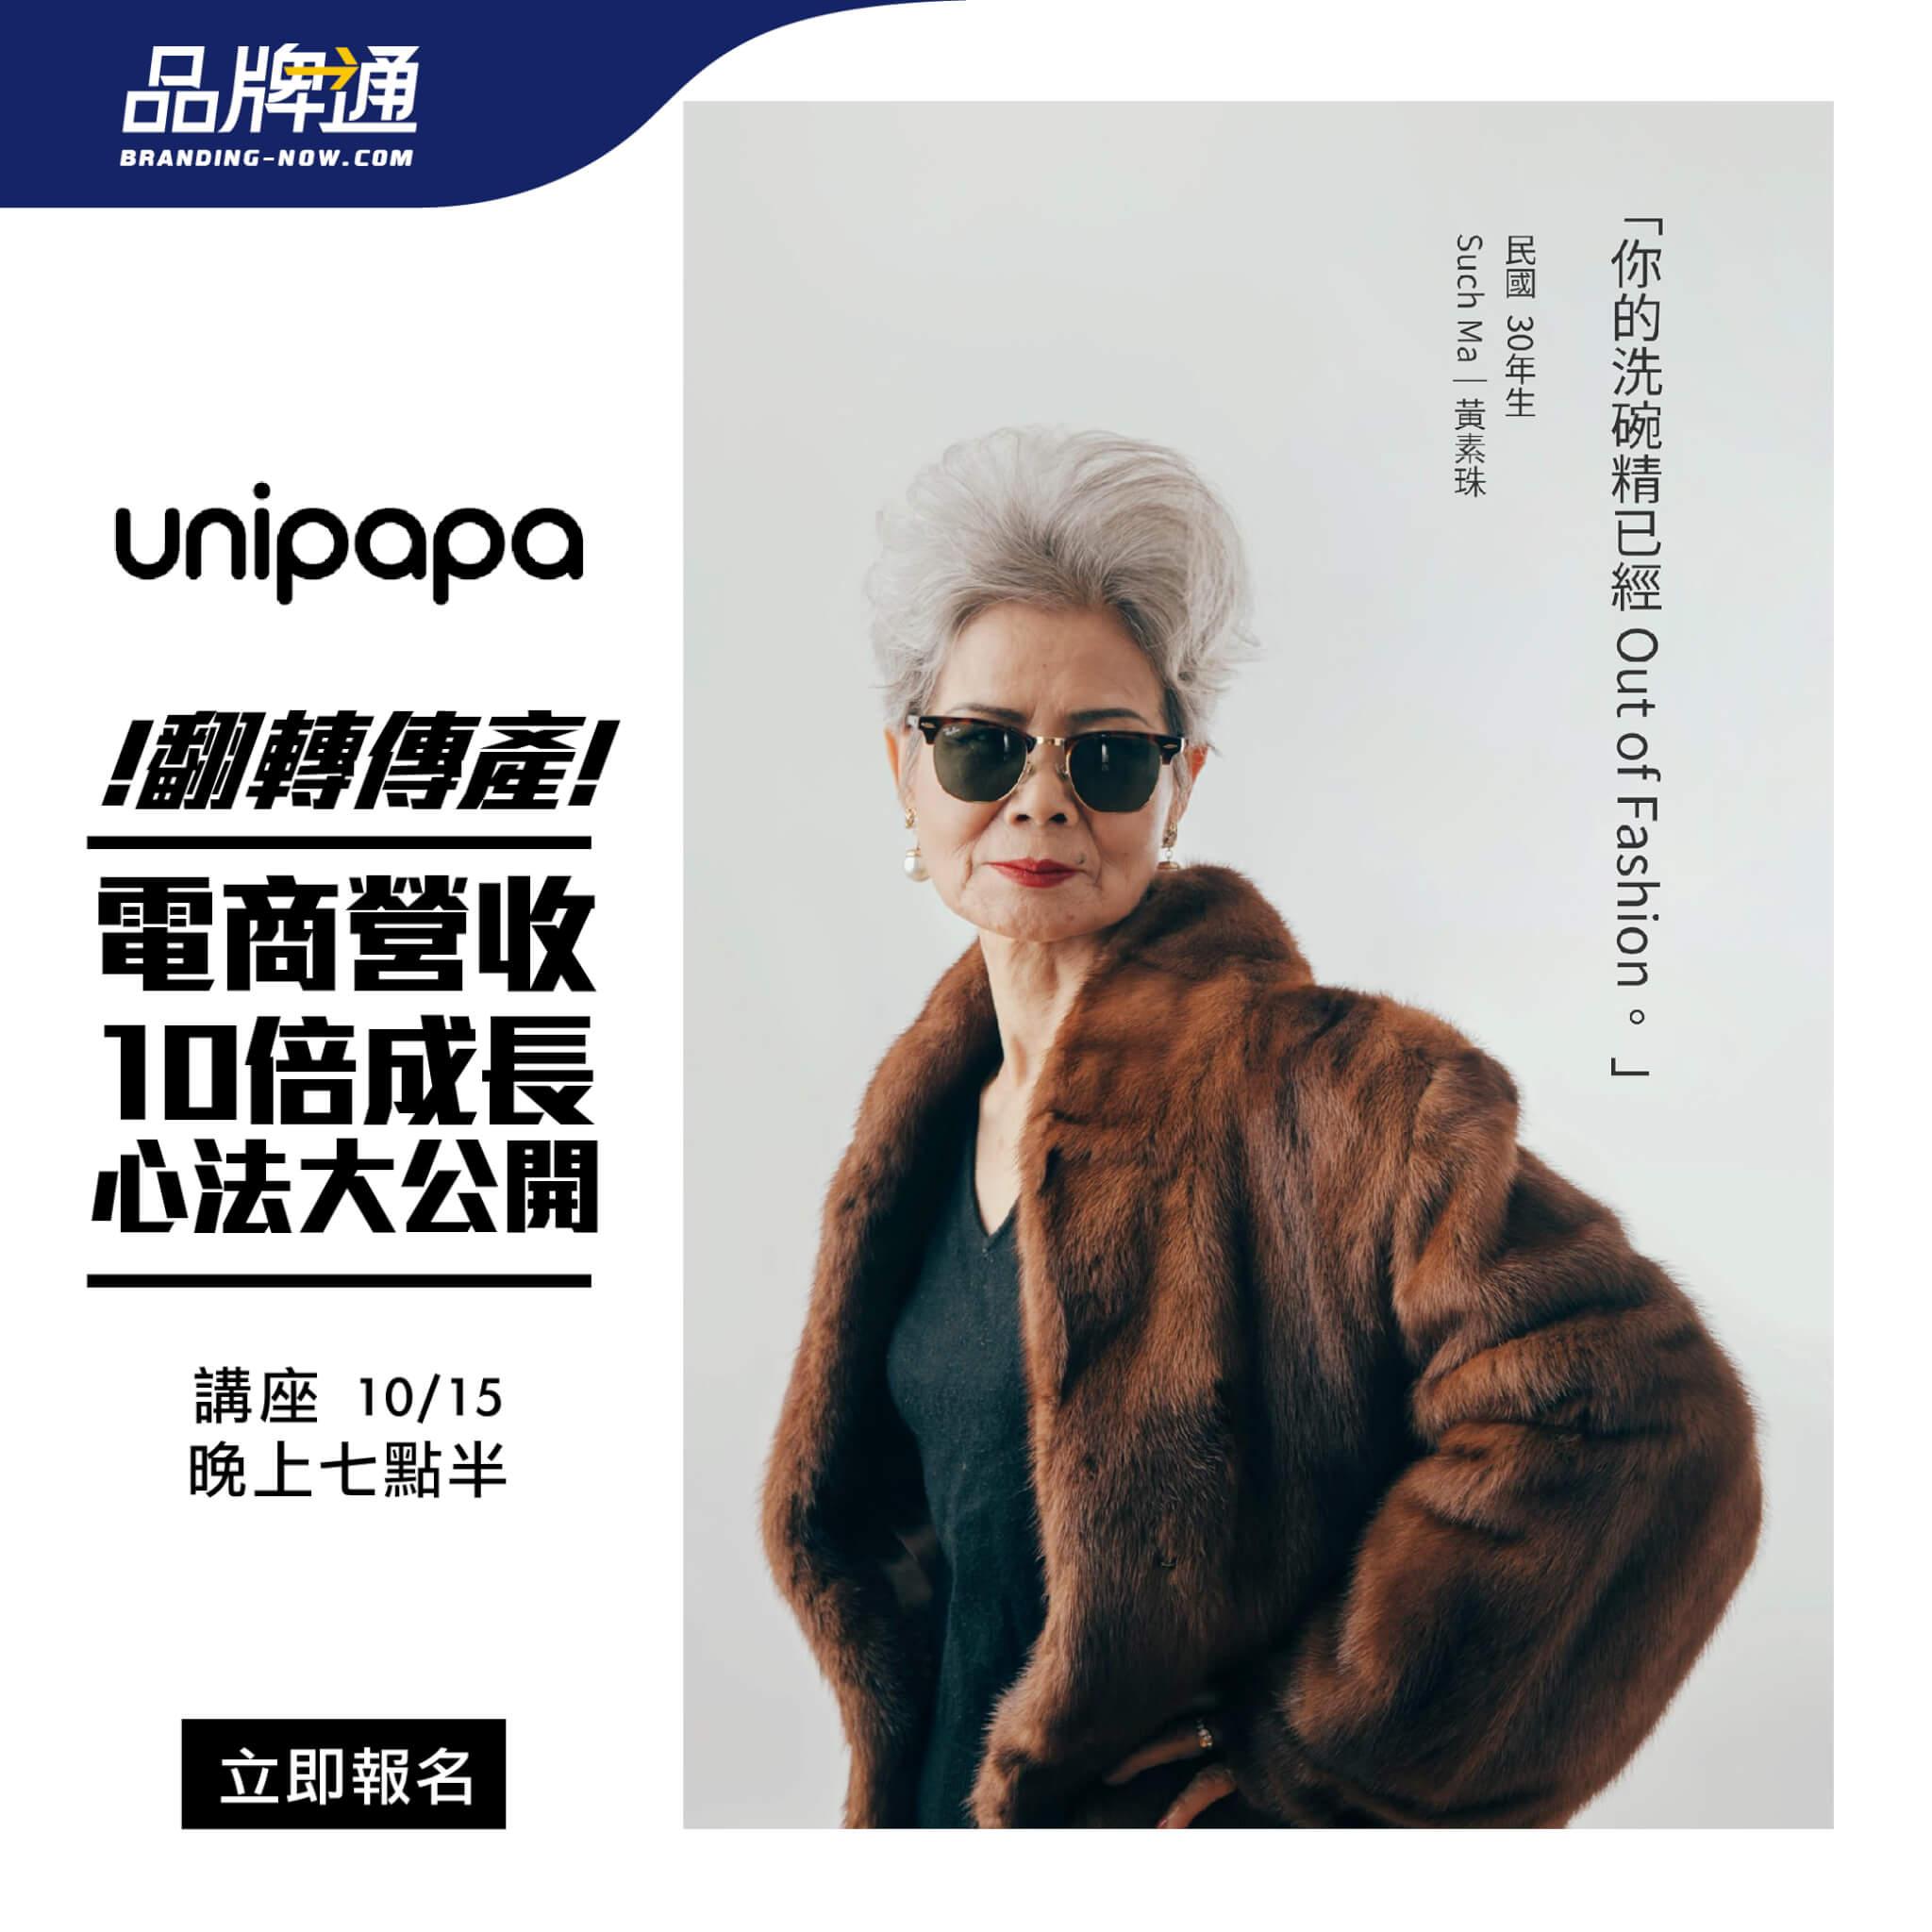 翻转传产! Unipapa电商营收10倍成长心法大公开